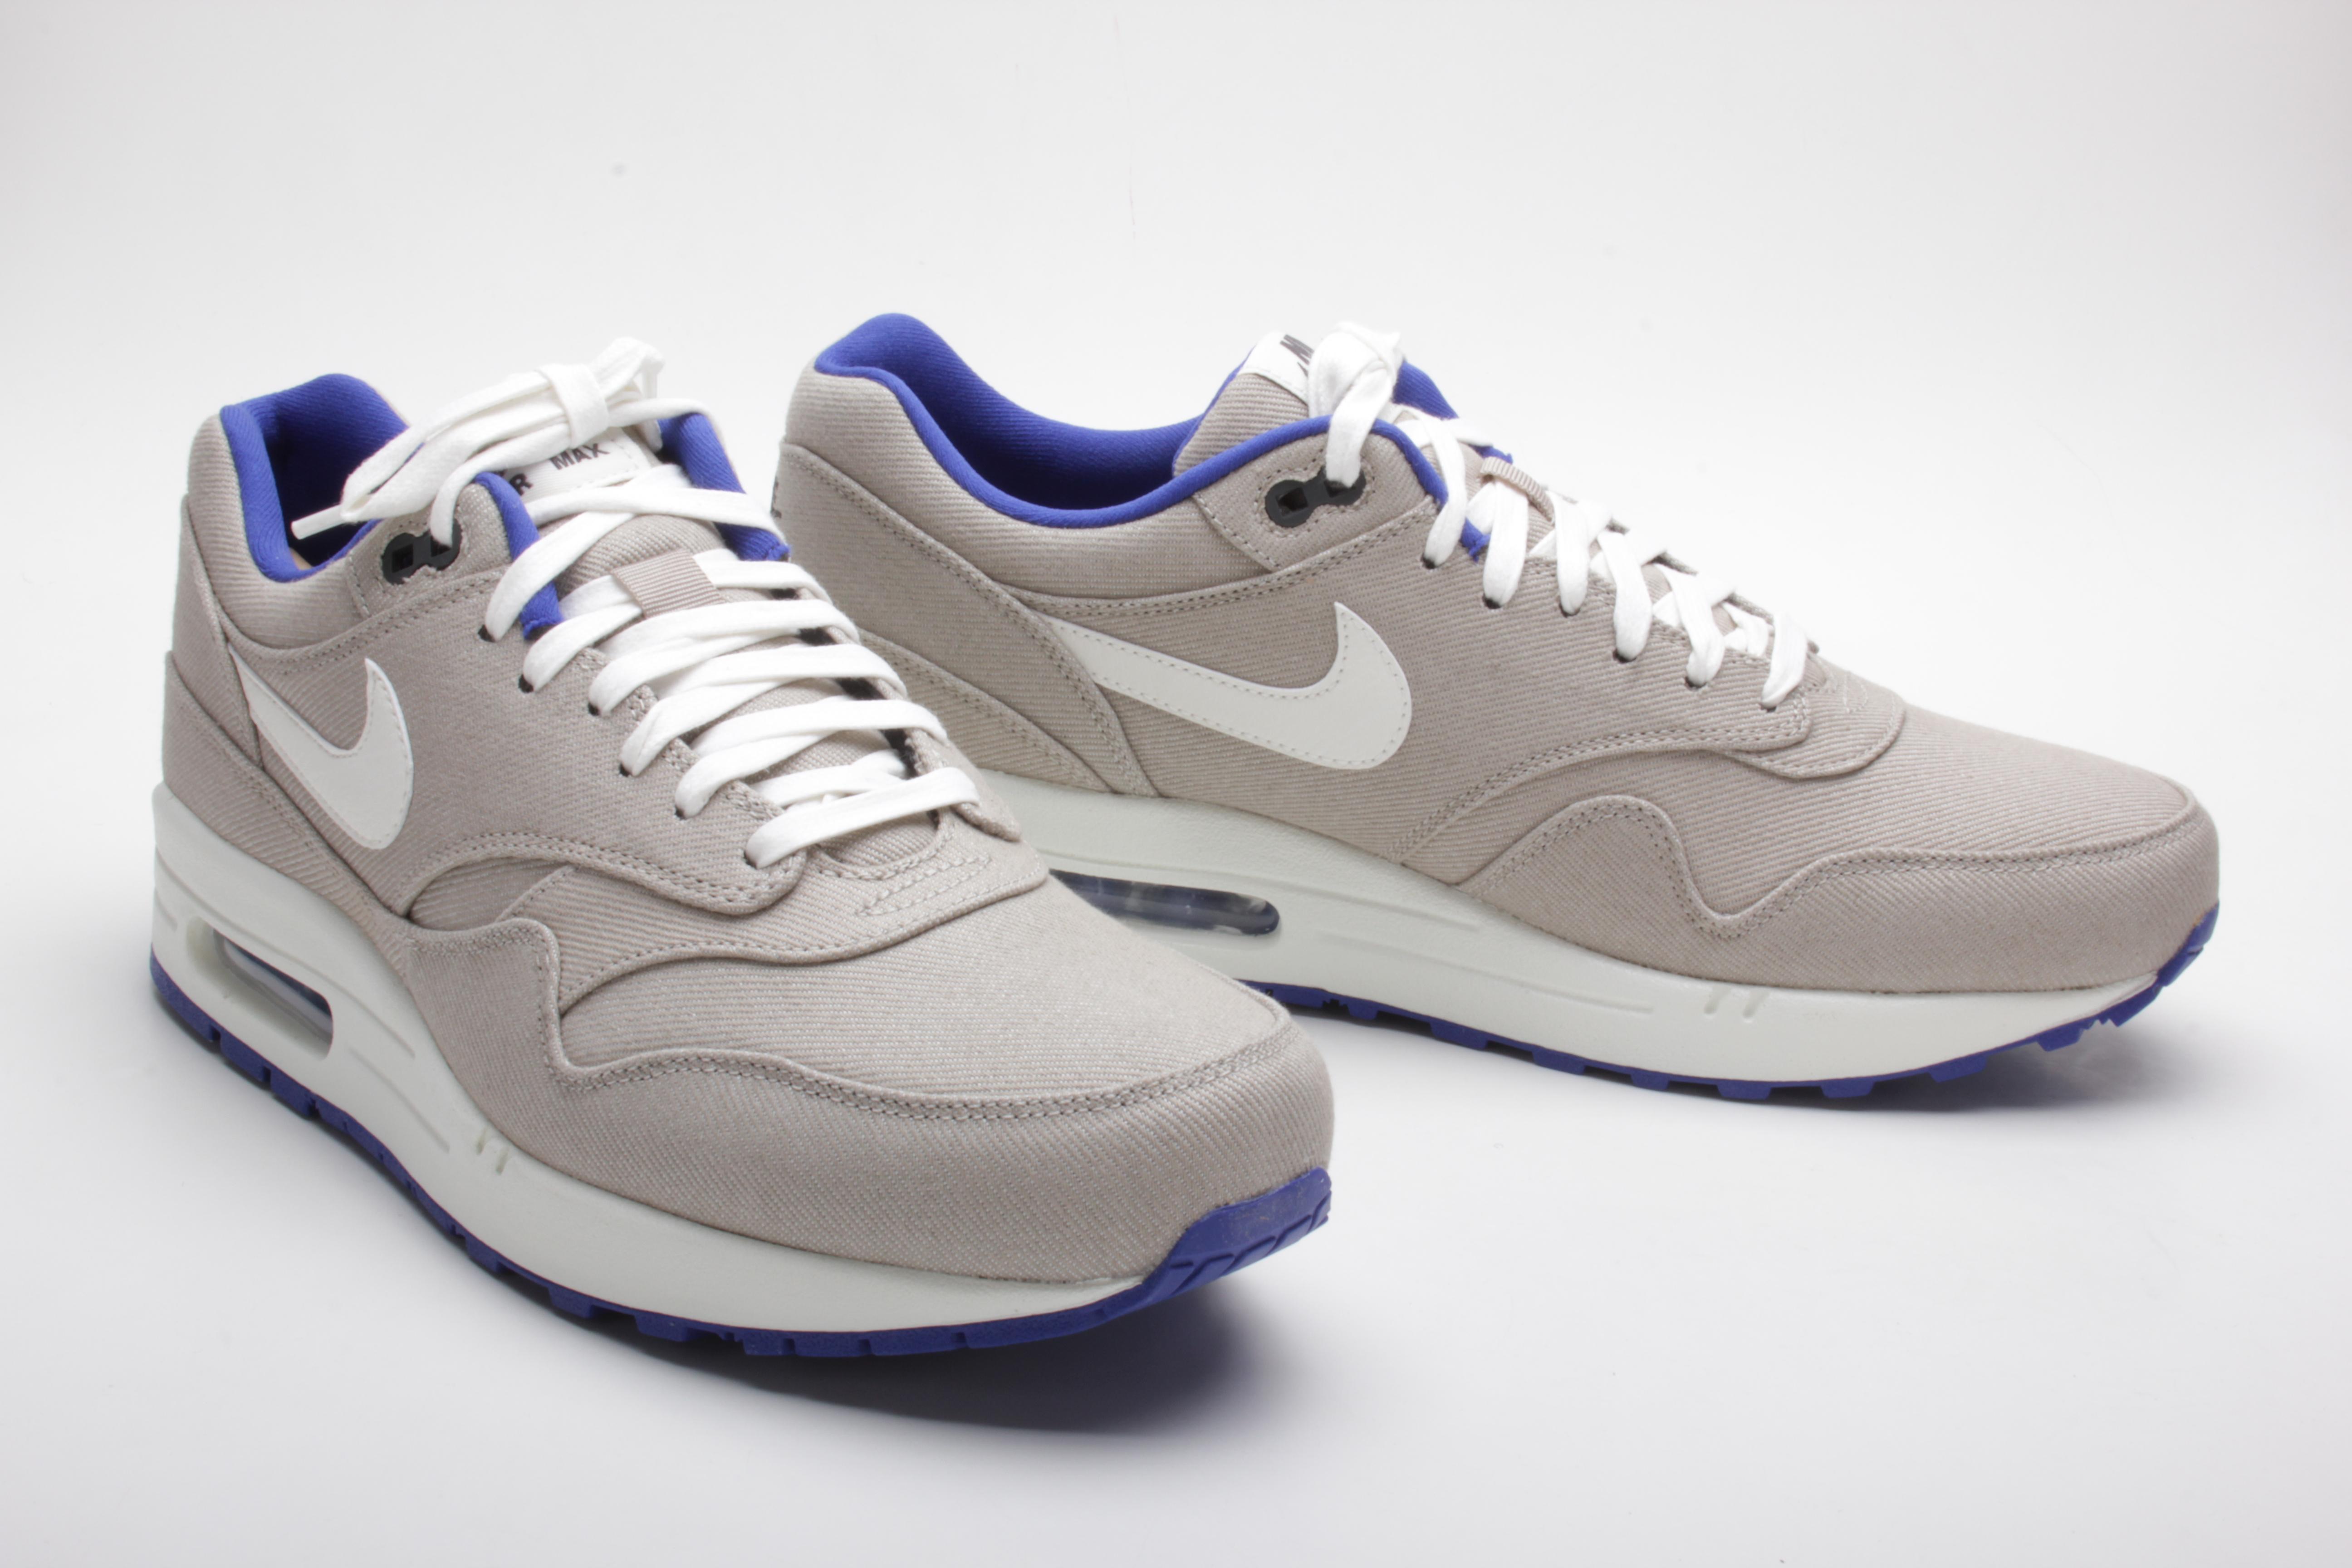 Sneaker | SNKRZ what else?